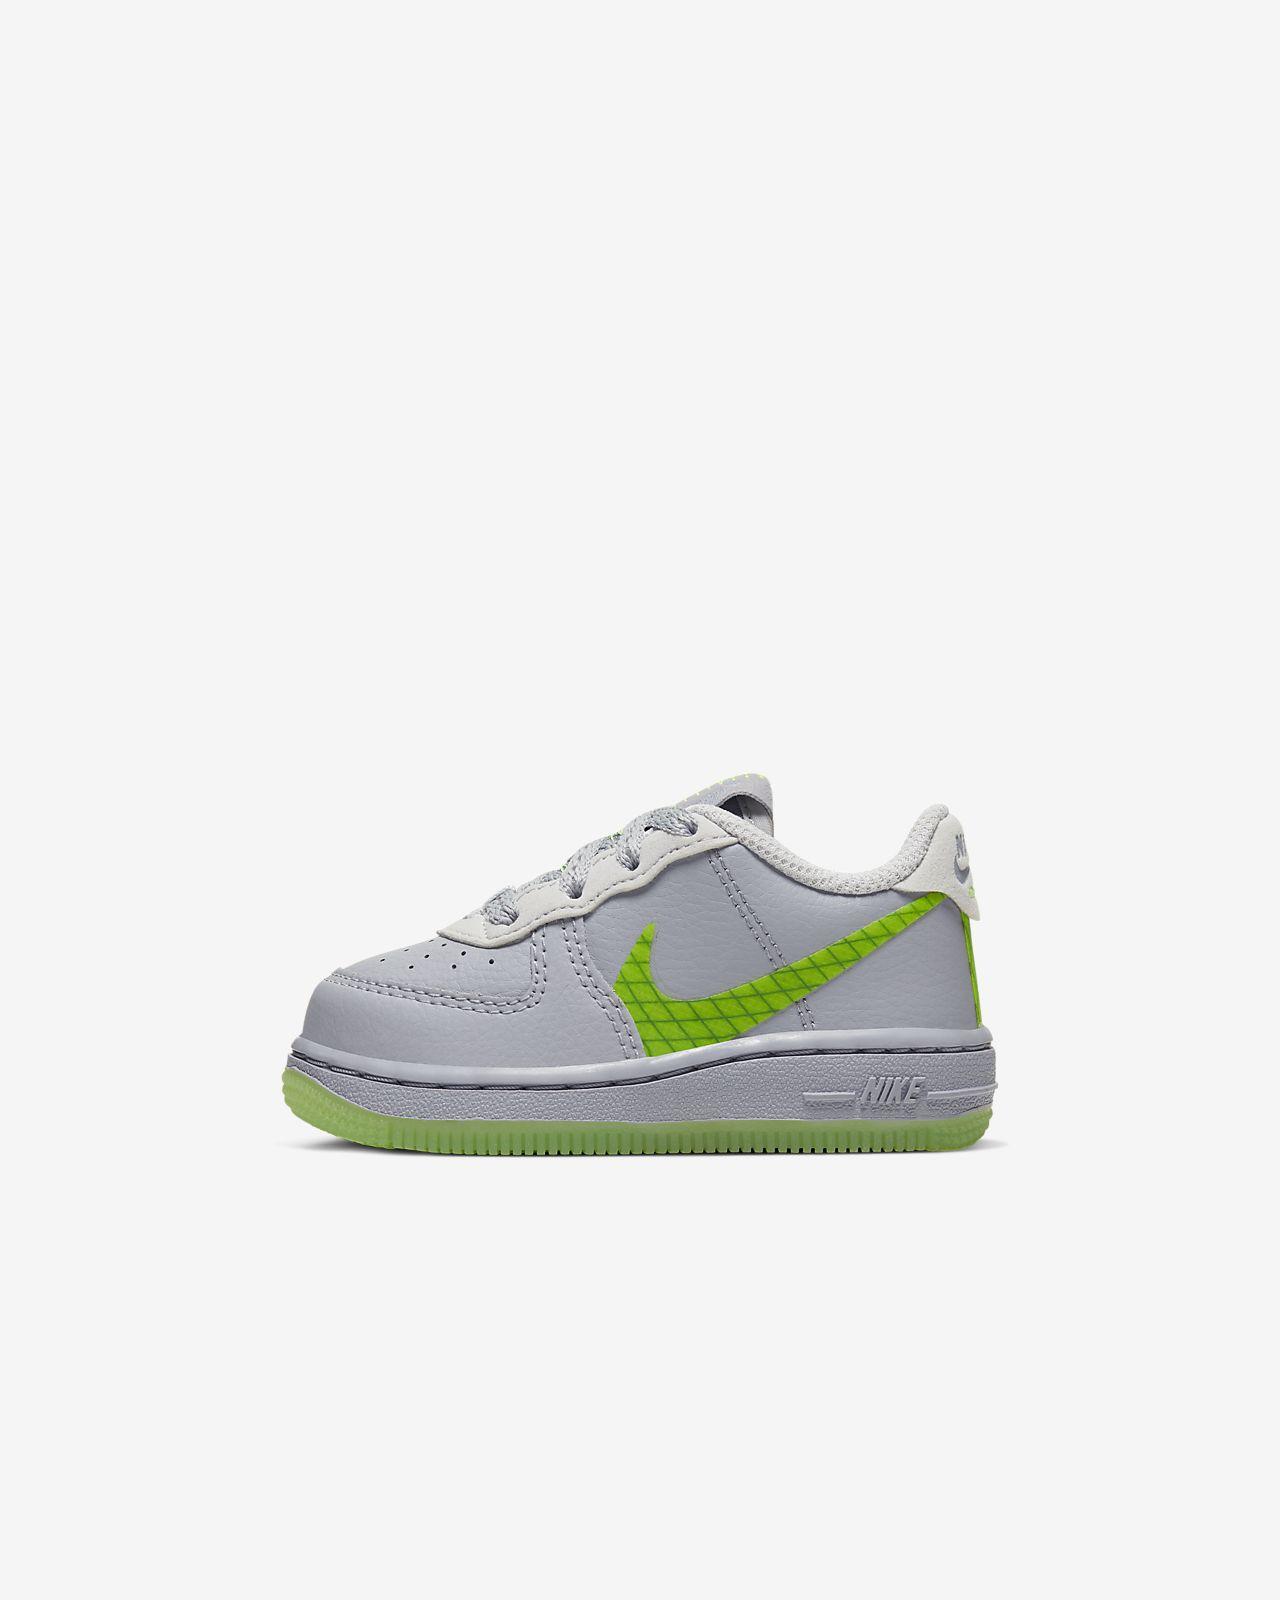 รองเท้าทารก/เด็กวัยหัดเดิน Nike Force 1 LV8 3